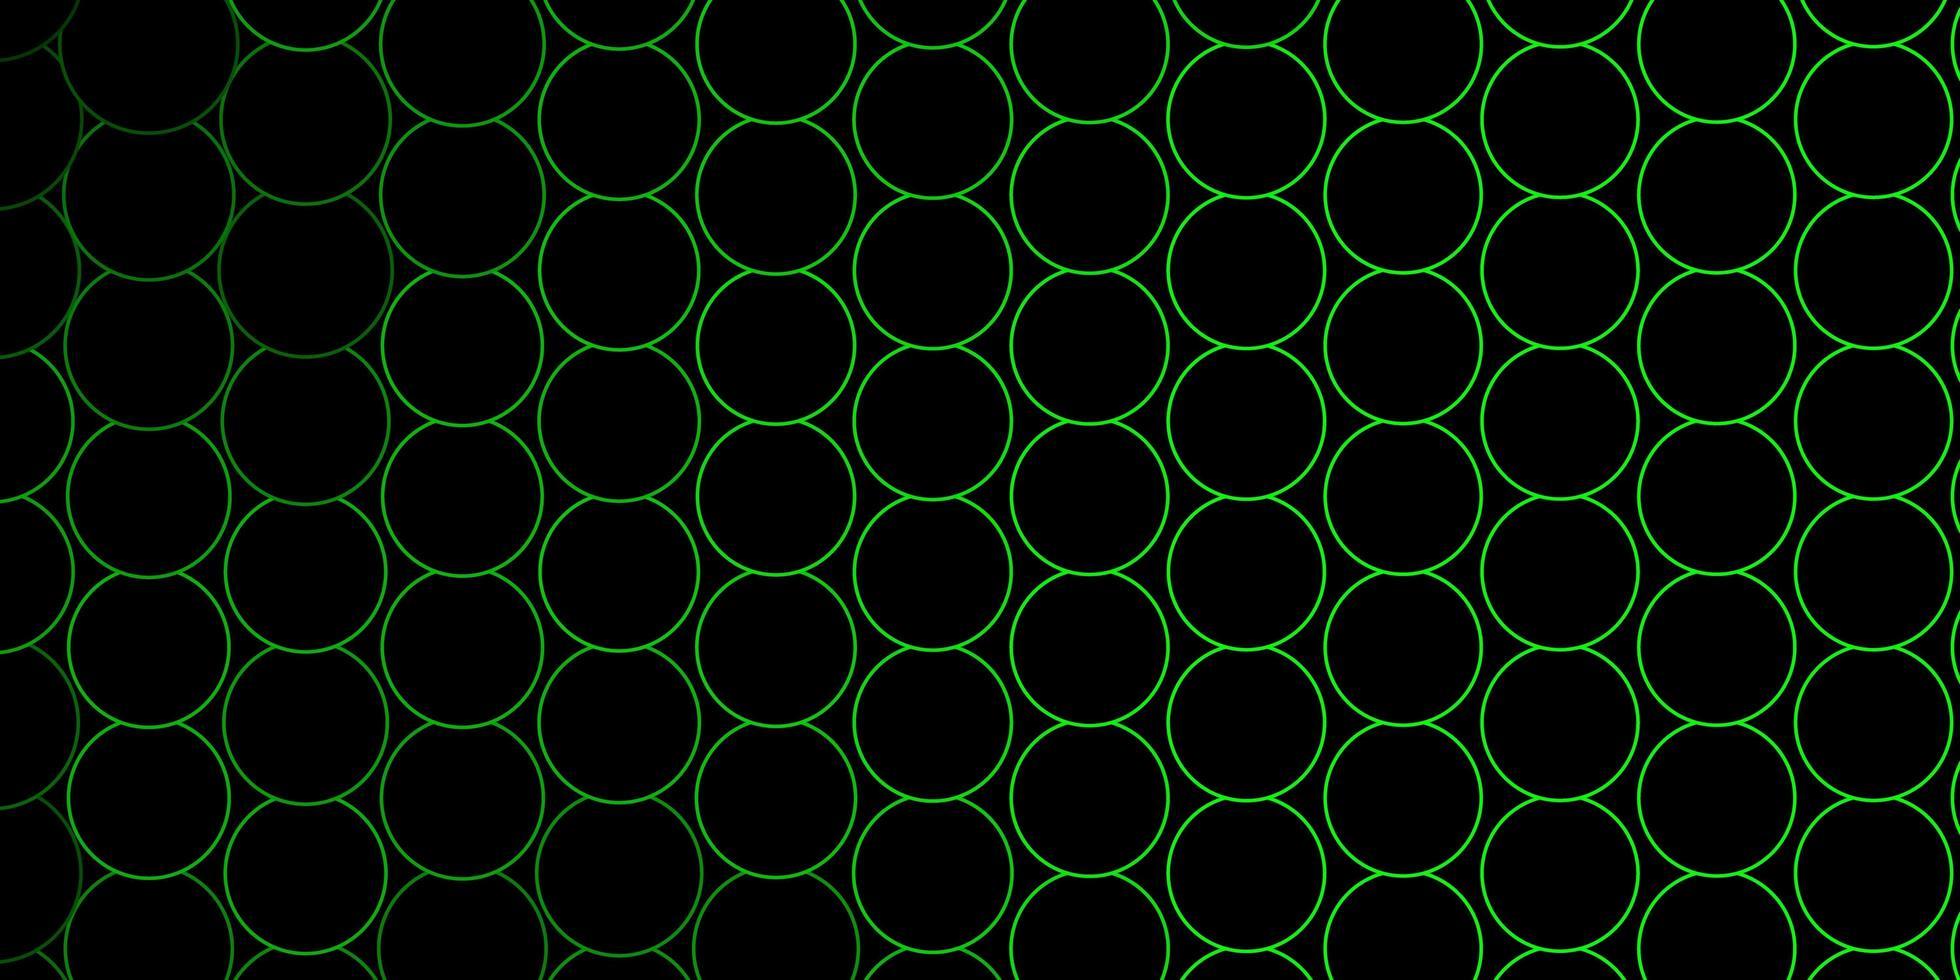 gröna konturerade cirklar på mörk bakgrund vektor